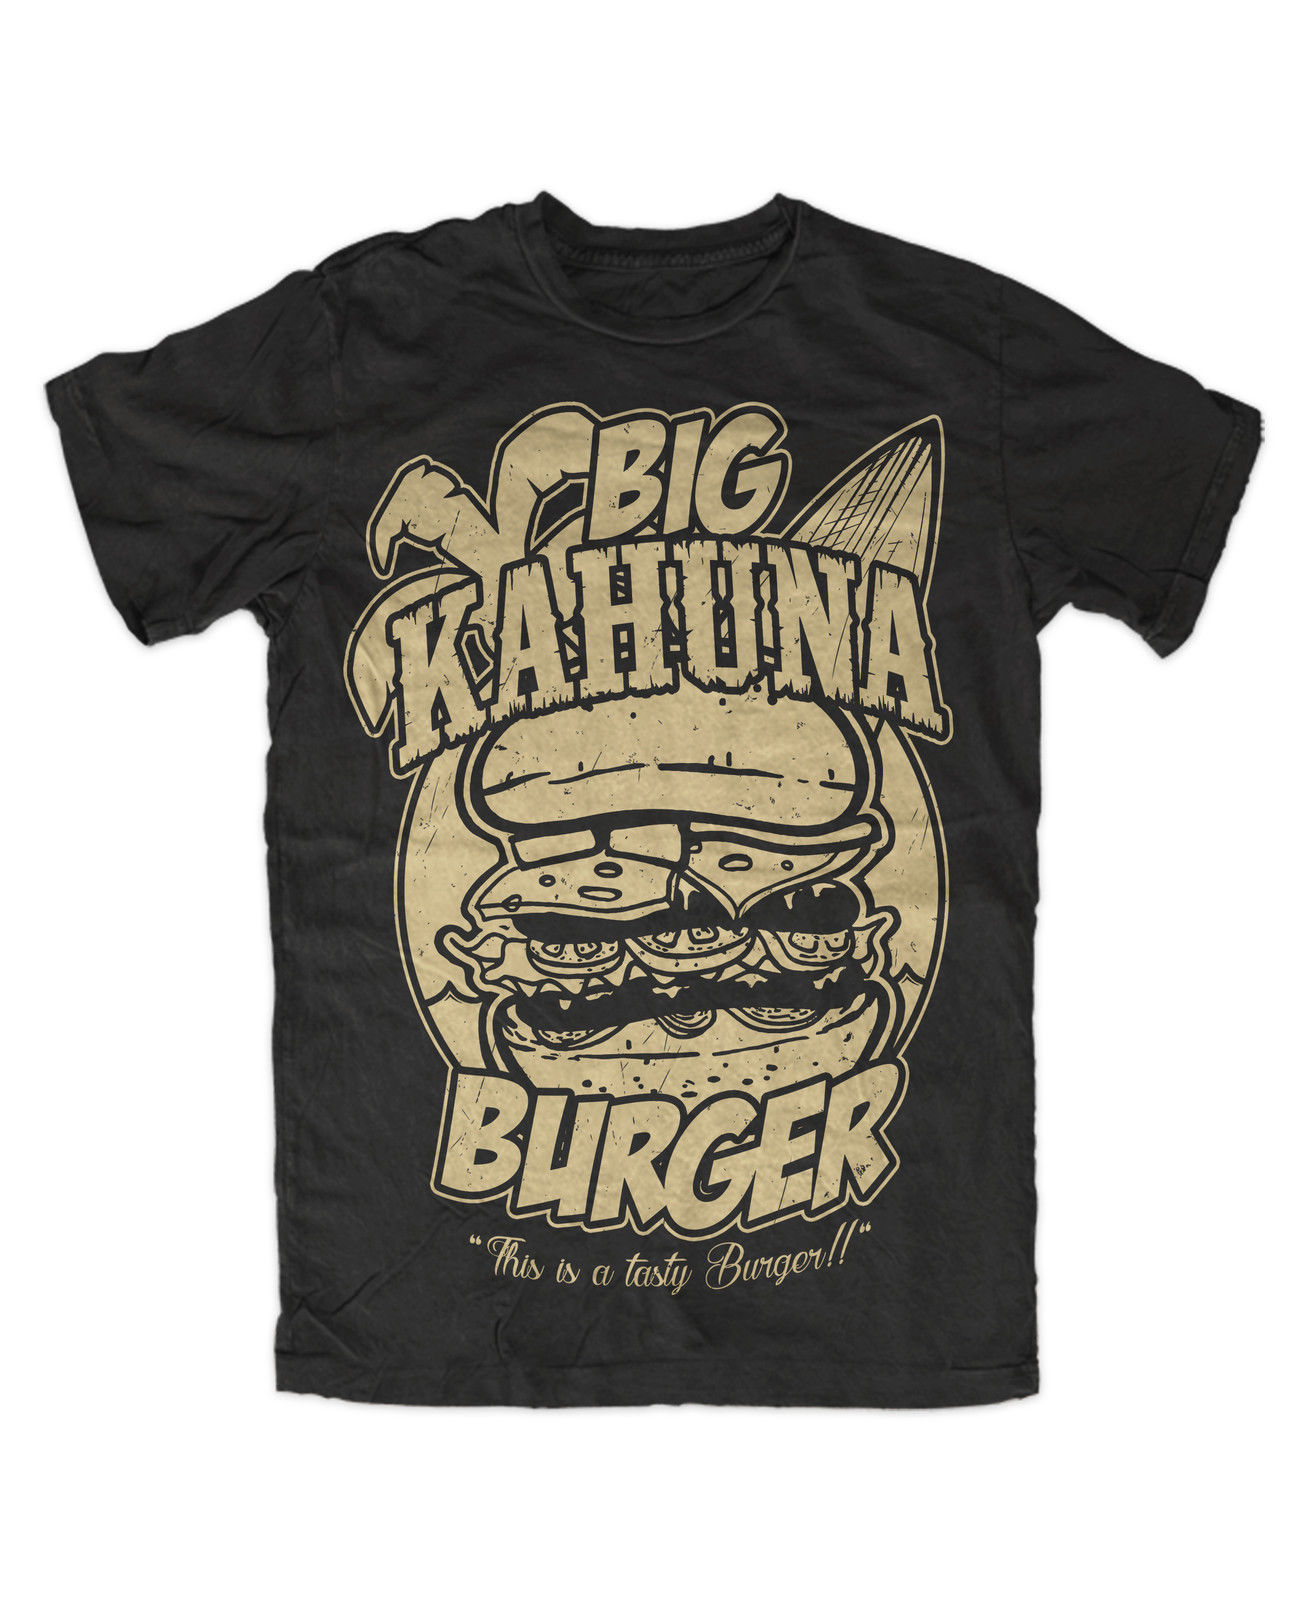 big-kahuna-burger-m2-t-shirt-jules-winnfield-font-b-tarantino-b-font-pulp-fiction-movie-round-neck-teenage-pop-top-teet-shirt-fashion-tops